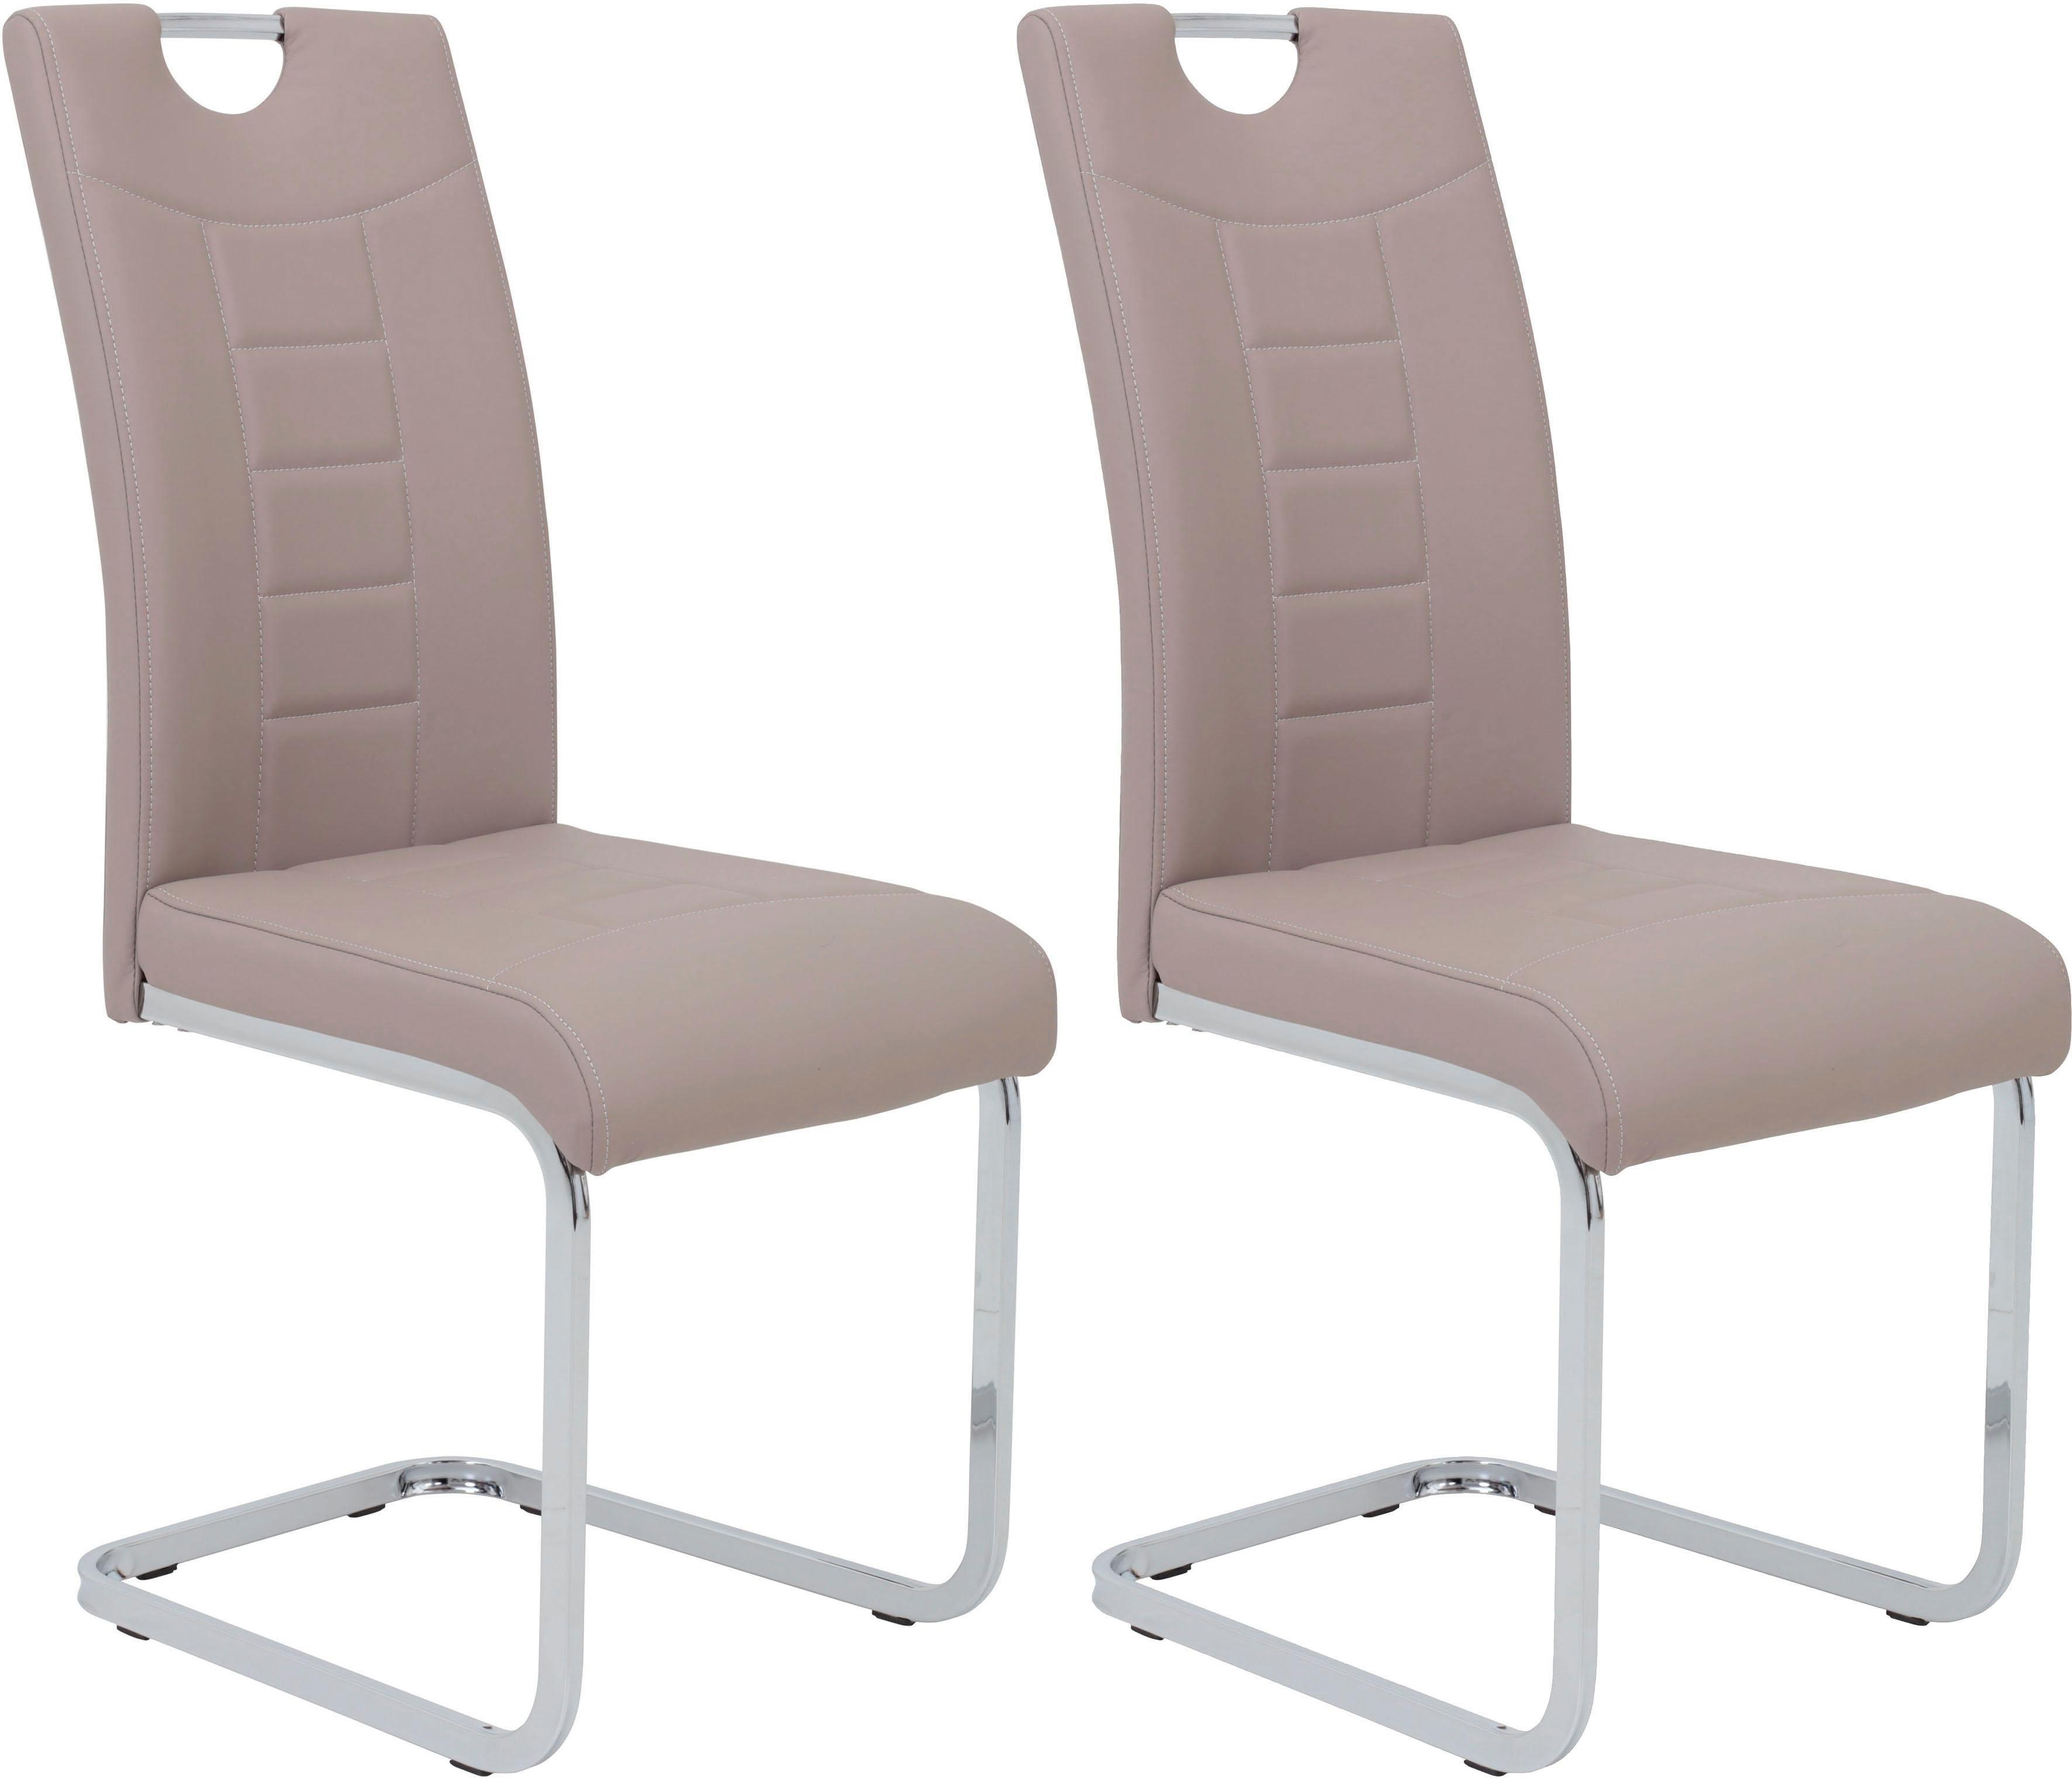 Super Eettafel stoelen online shoppen? Gratis verzending | OTTO MB-65